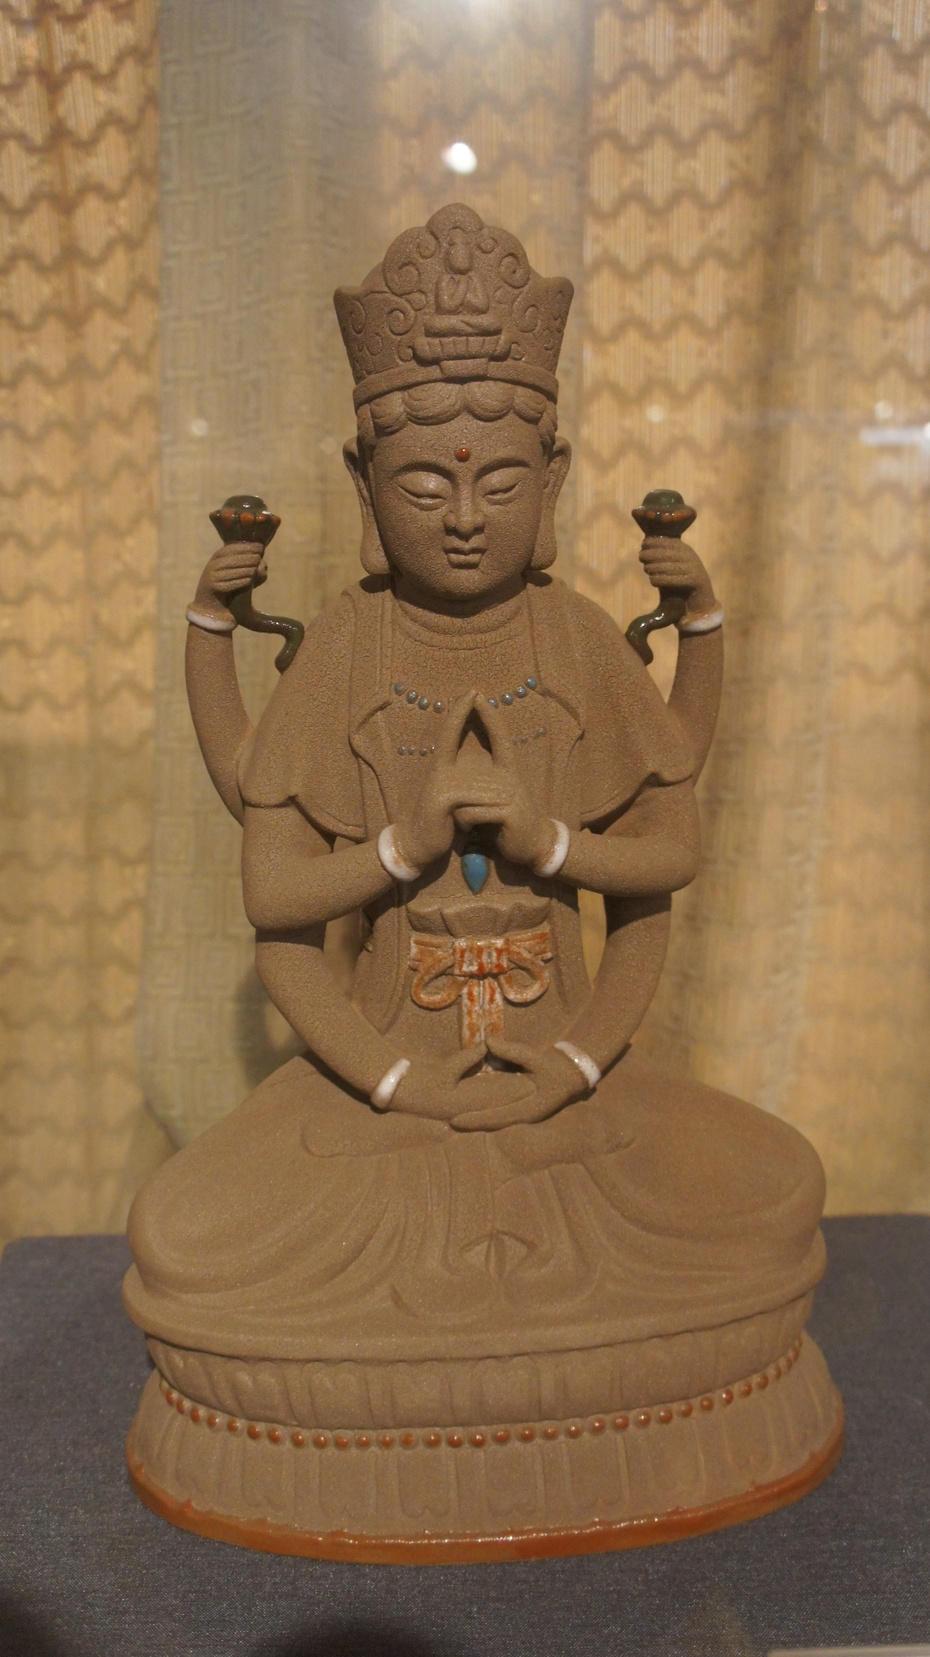 中华民族艺术珍品馆:精美木雕和石雕 - 余昌国 - 我的博客